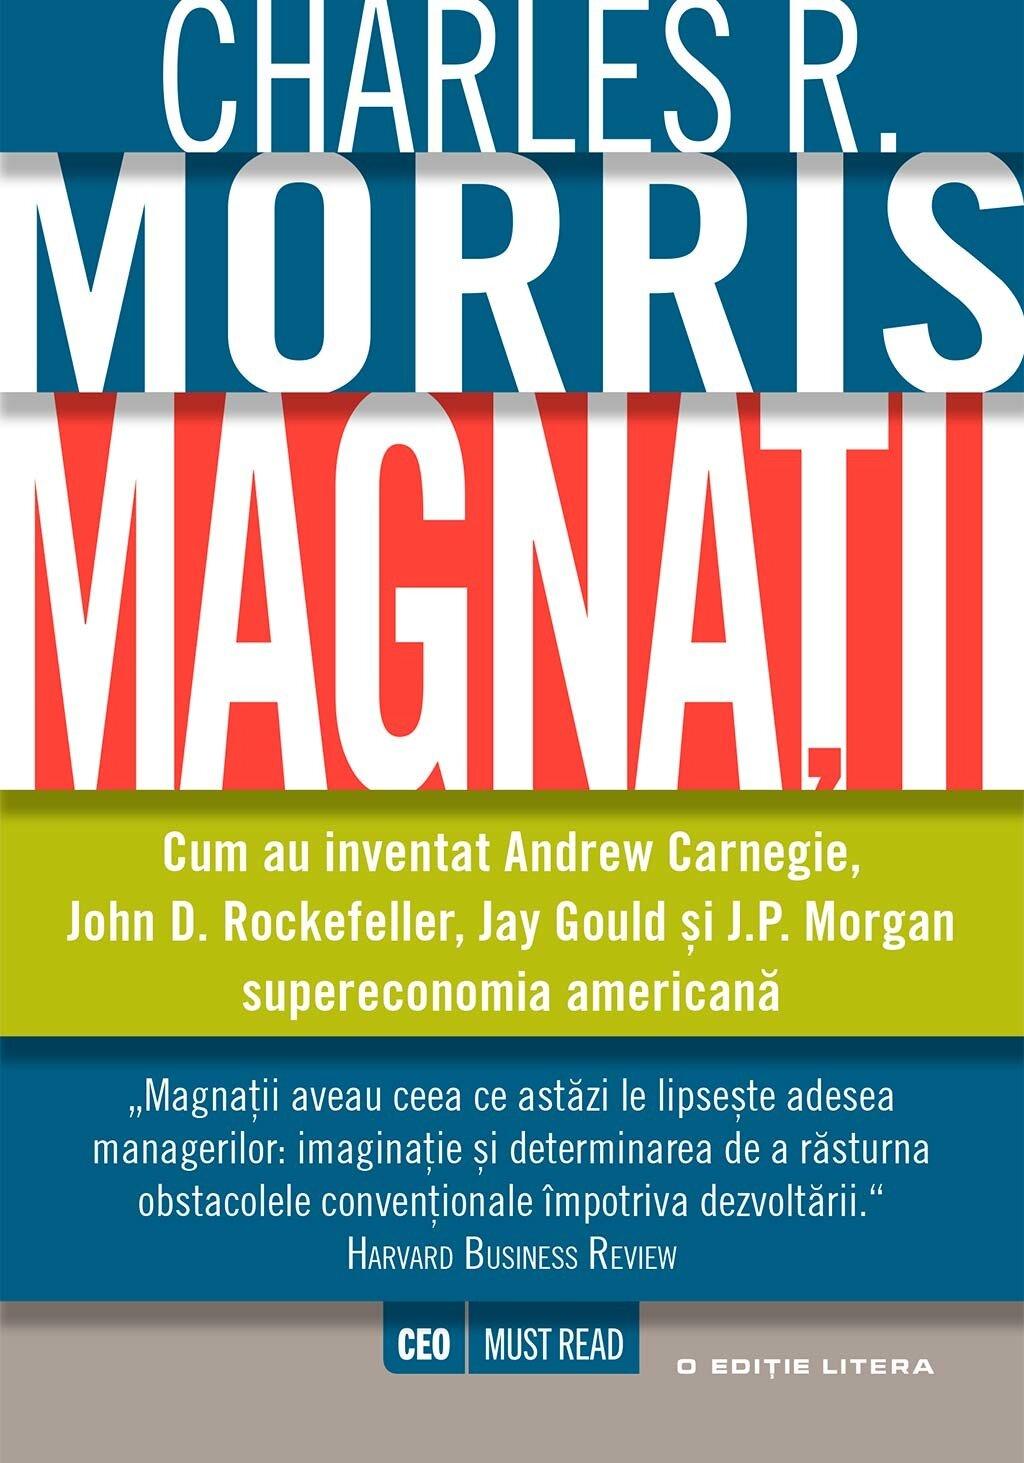 Magnatii. Cum au inventat Andrew Carnegie, John D. Rockefeller, Jay Gould si J.P. Morgan supereconomia americana (eBook)